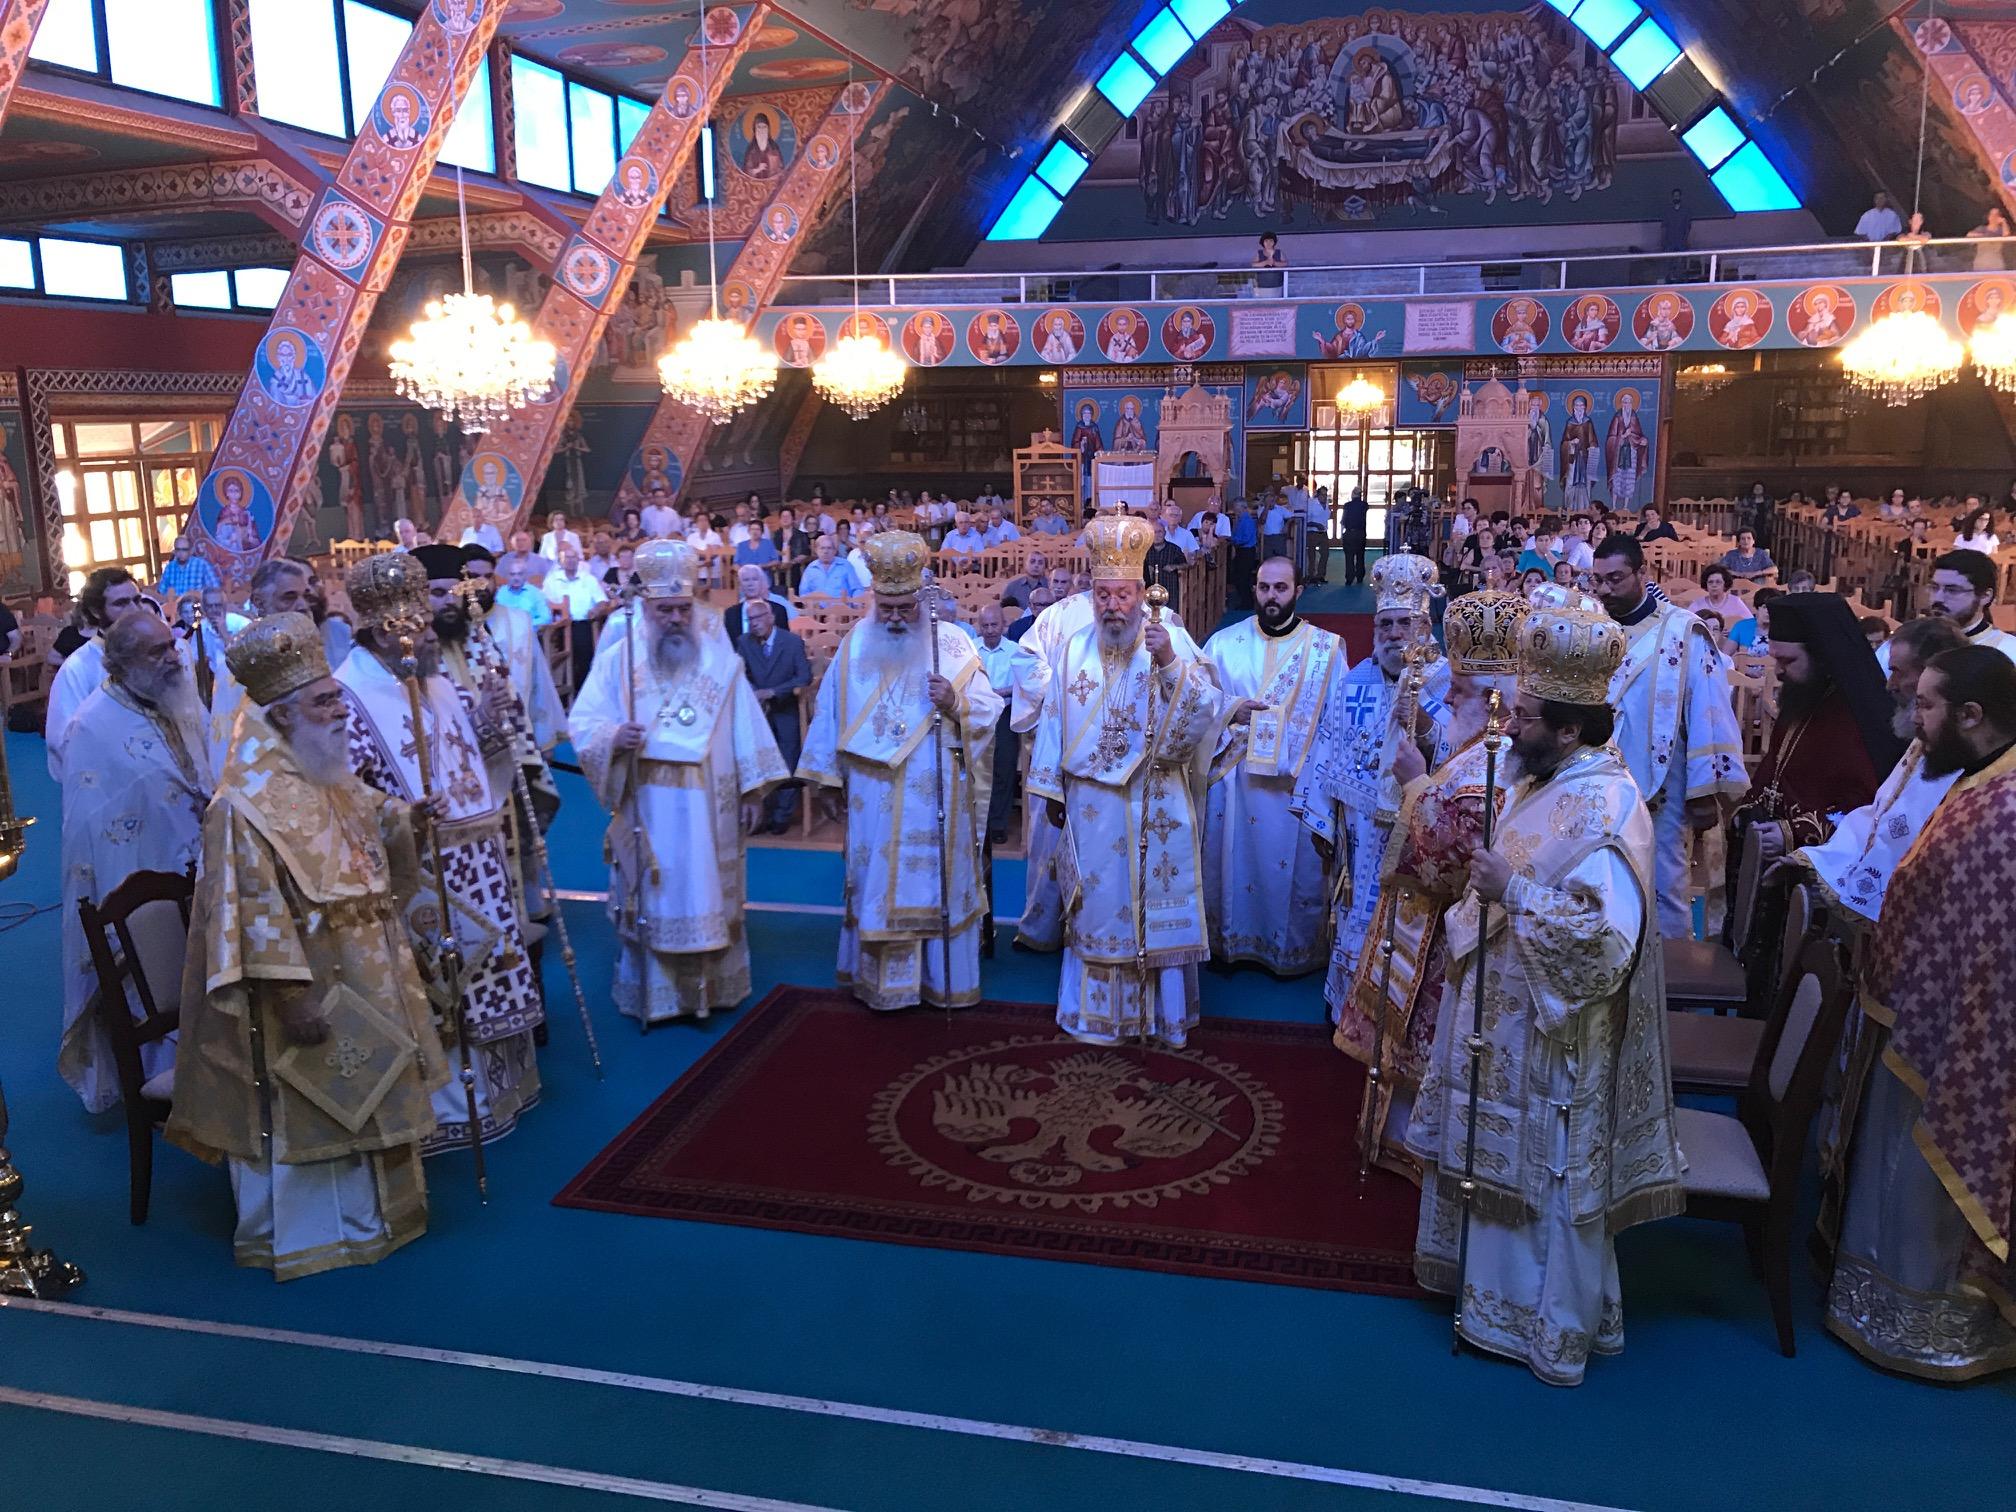 Αρχιερατικό Συλλείτουργο επ' ευκαιρία της εορτής του Αποστόλου Βαρνάβα (Τρίτη, 11 Ιουνίου 2019)